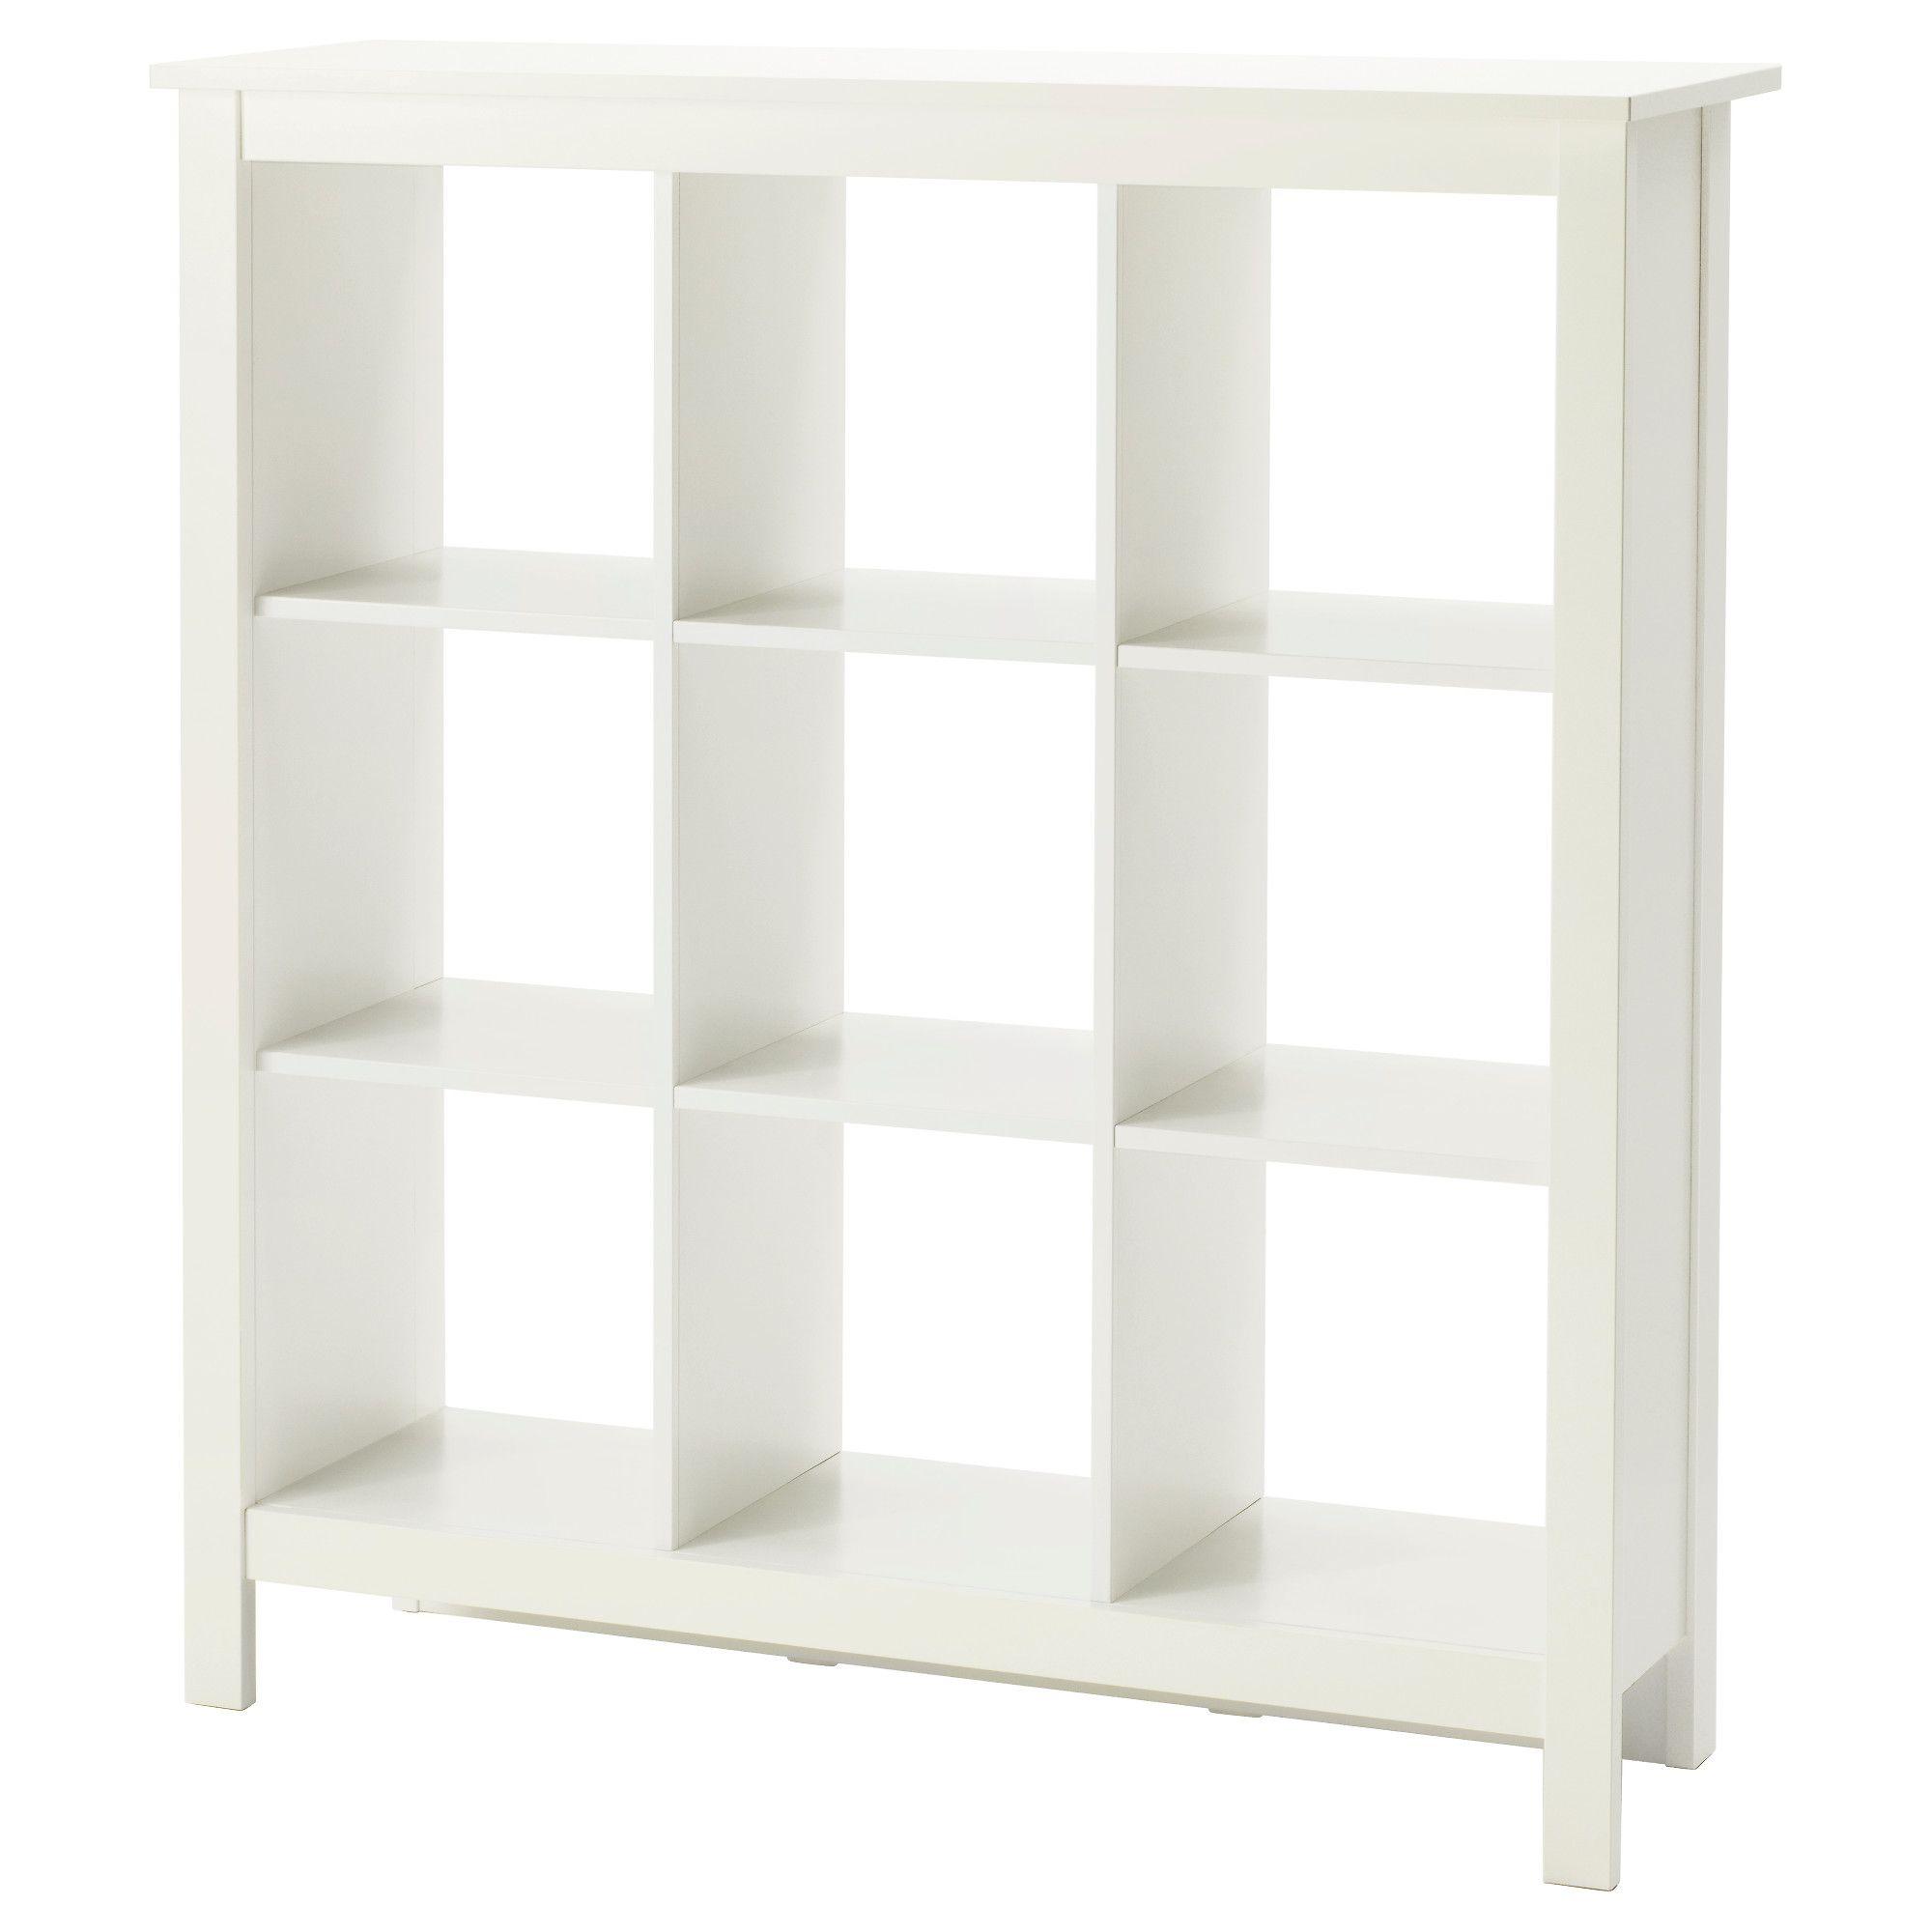 Lovely IKEA TOMN S Regal In den offenen F chern kommt Dekoratives zur Geltung alles andere l sst sich in Schubladen und K rben passend zum Regal verwahren